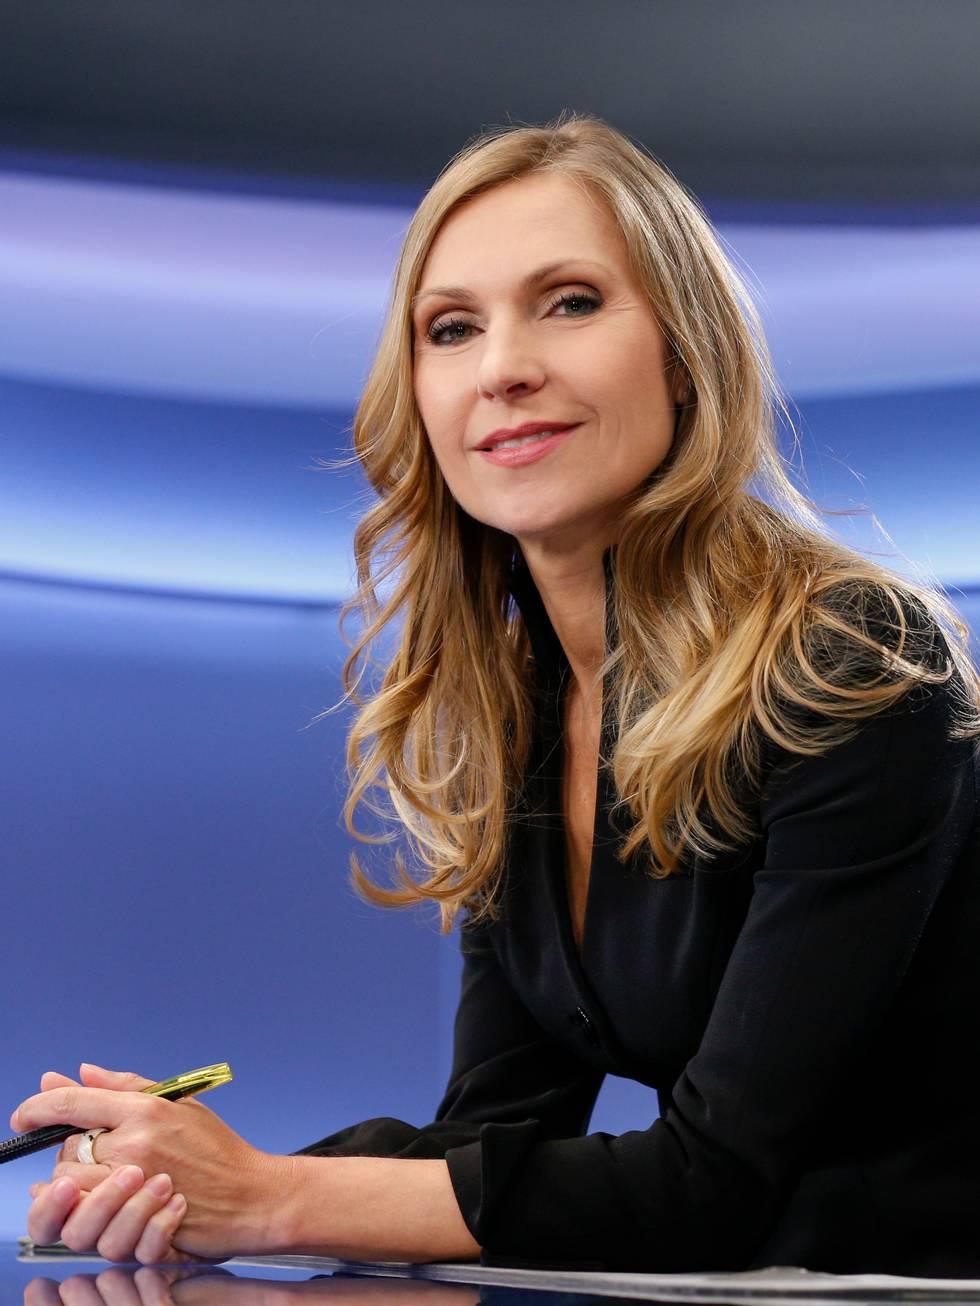 Paola Nurnberg